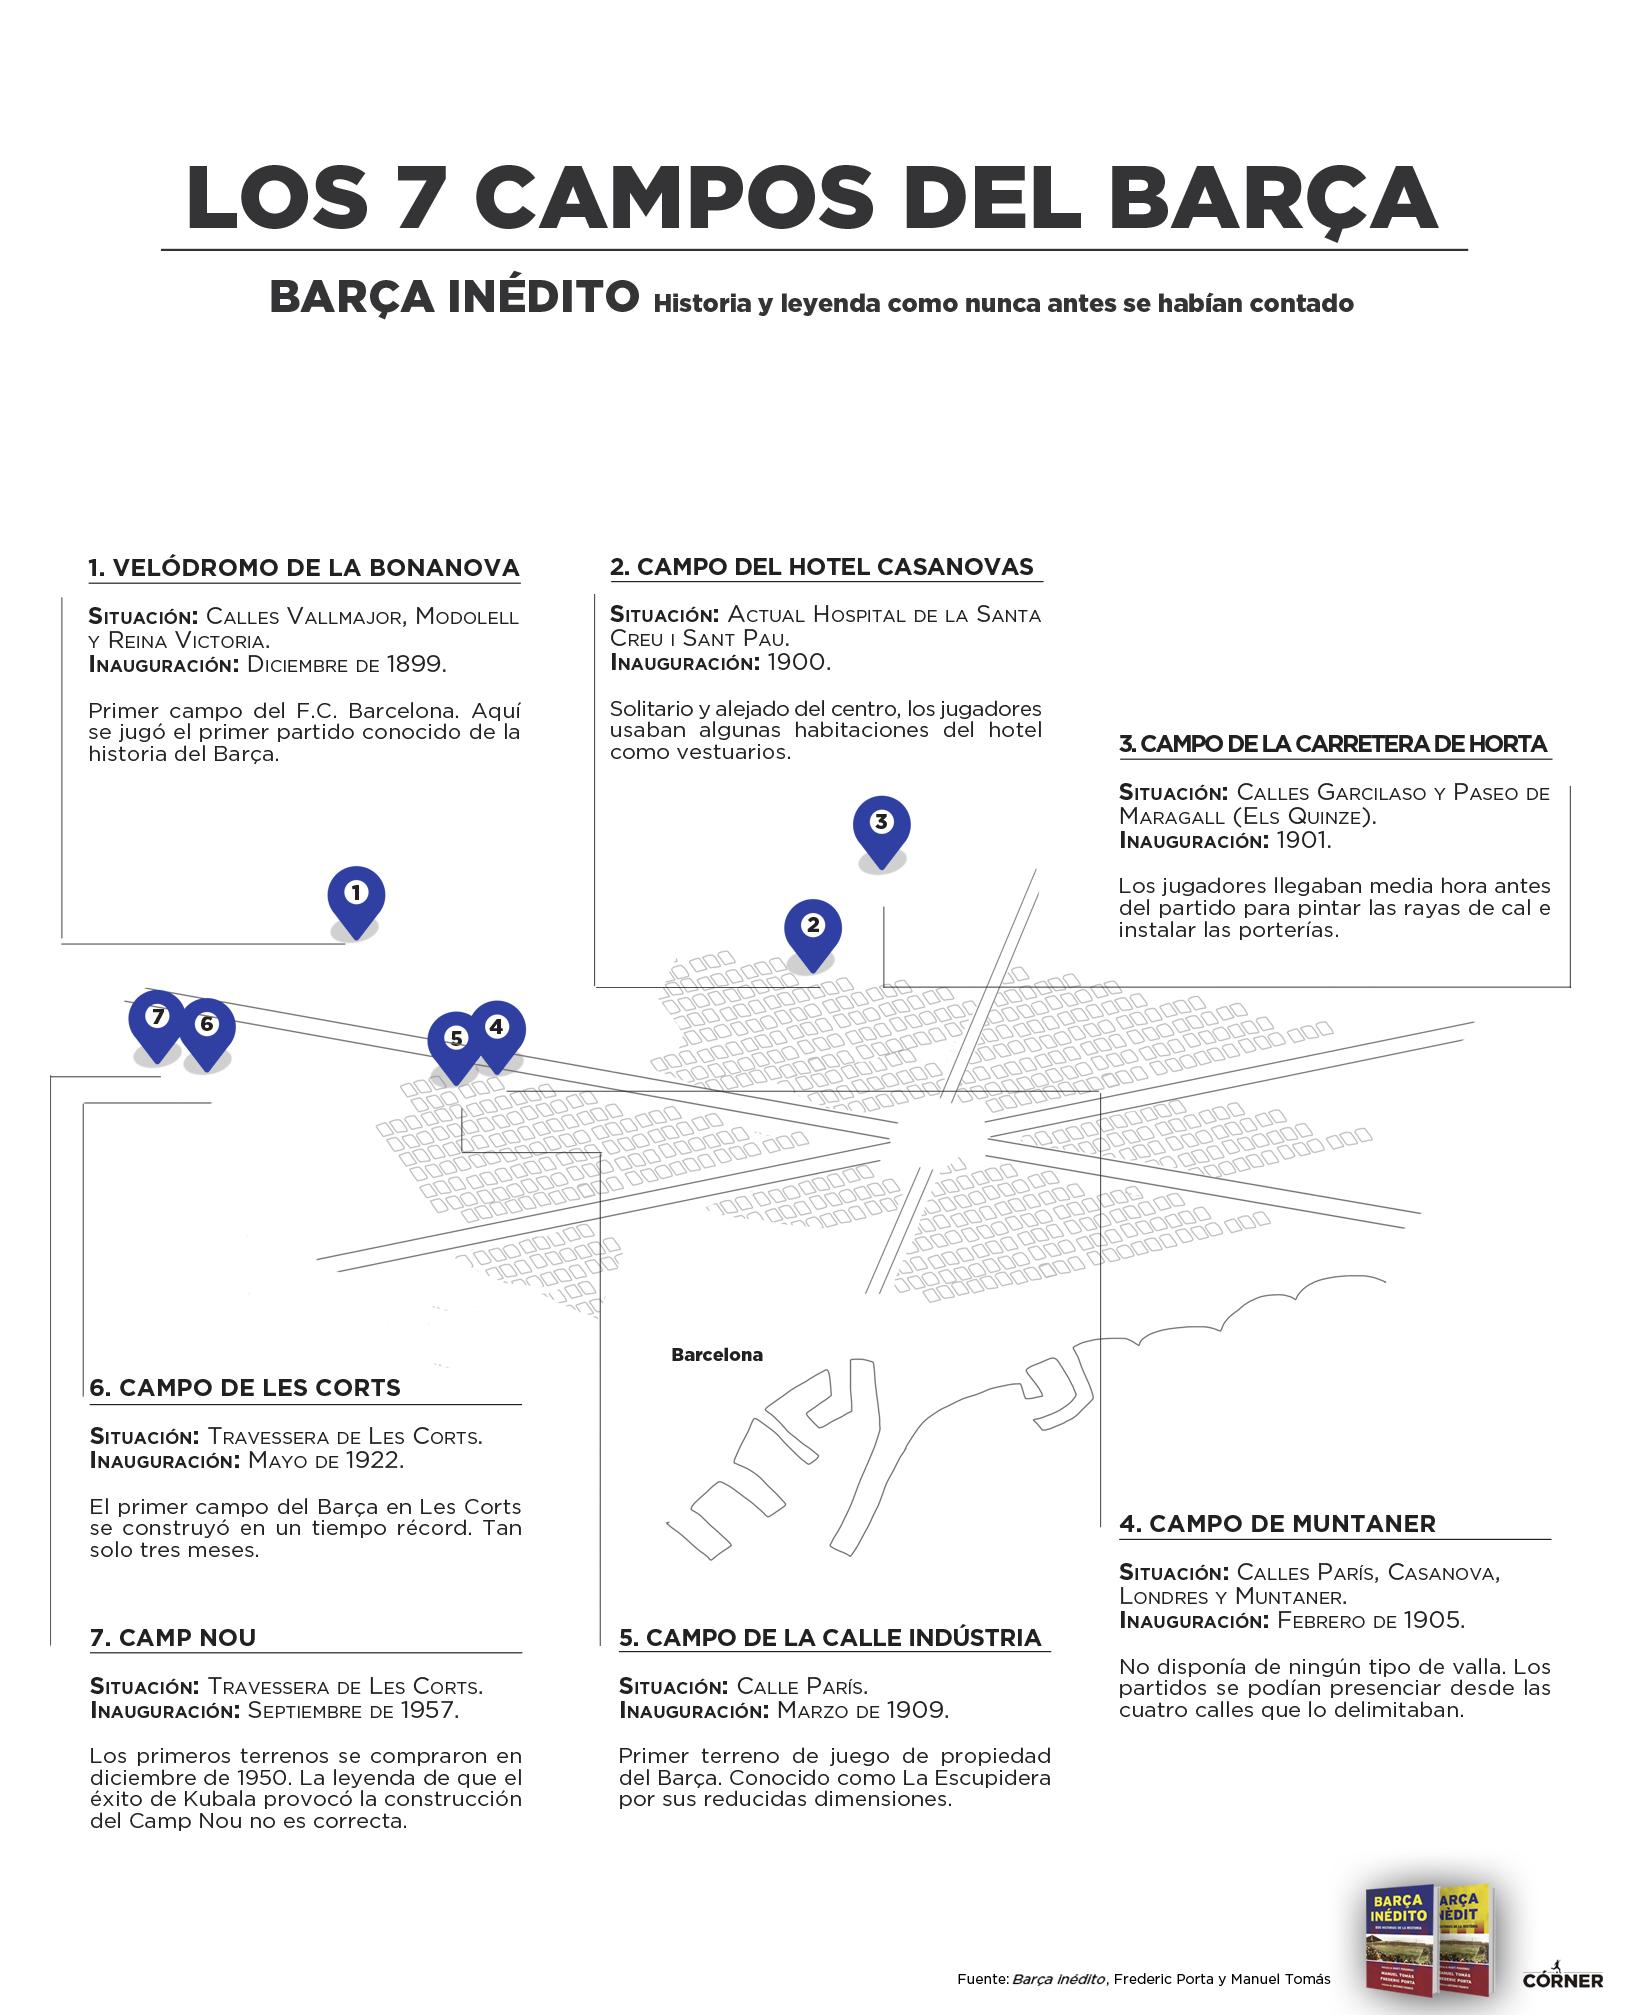 Los 7 campos del Bara